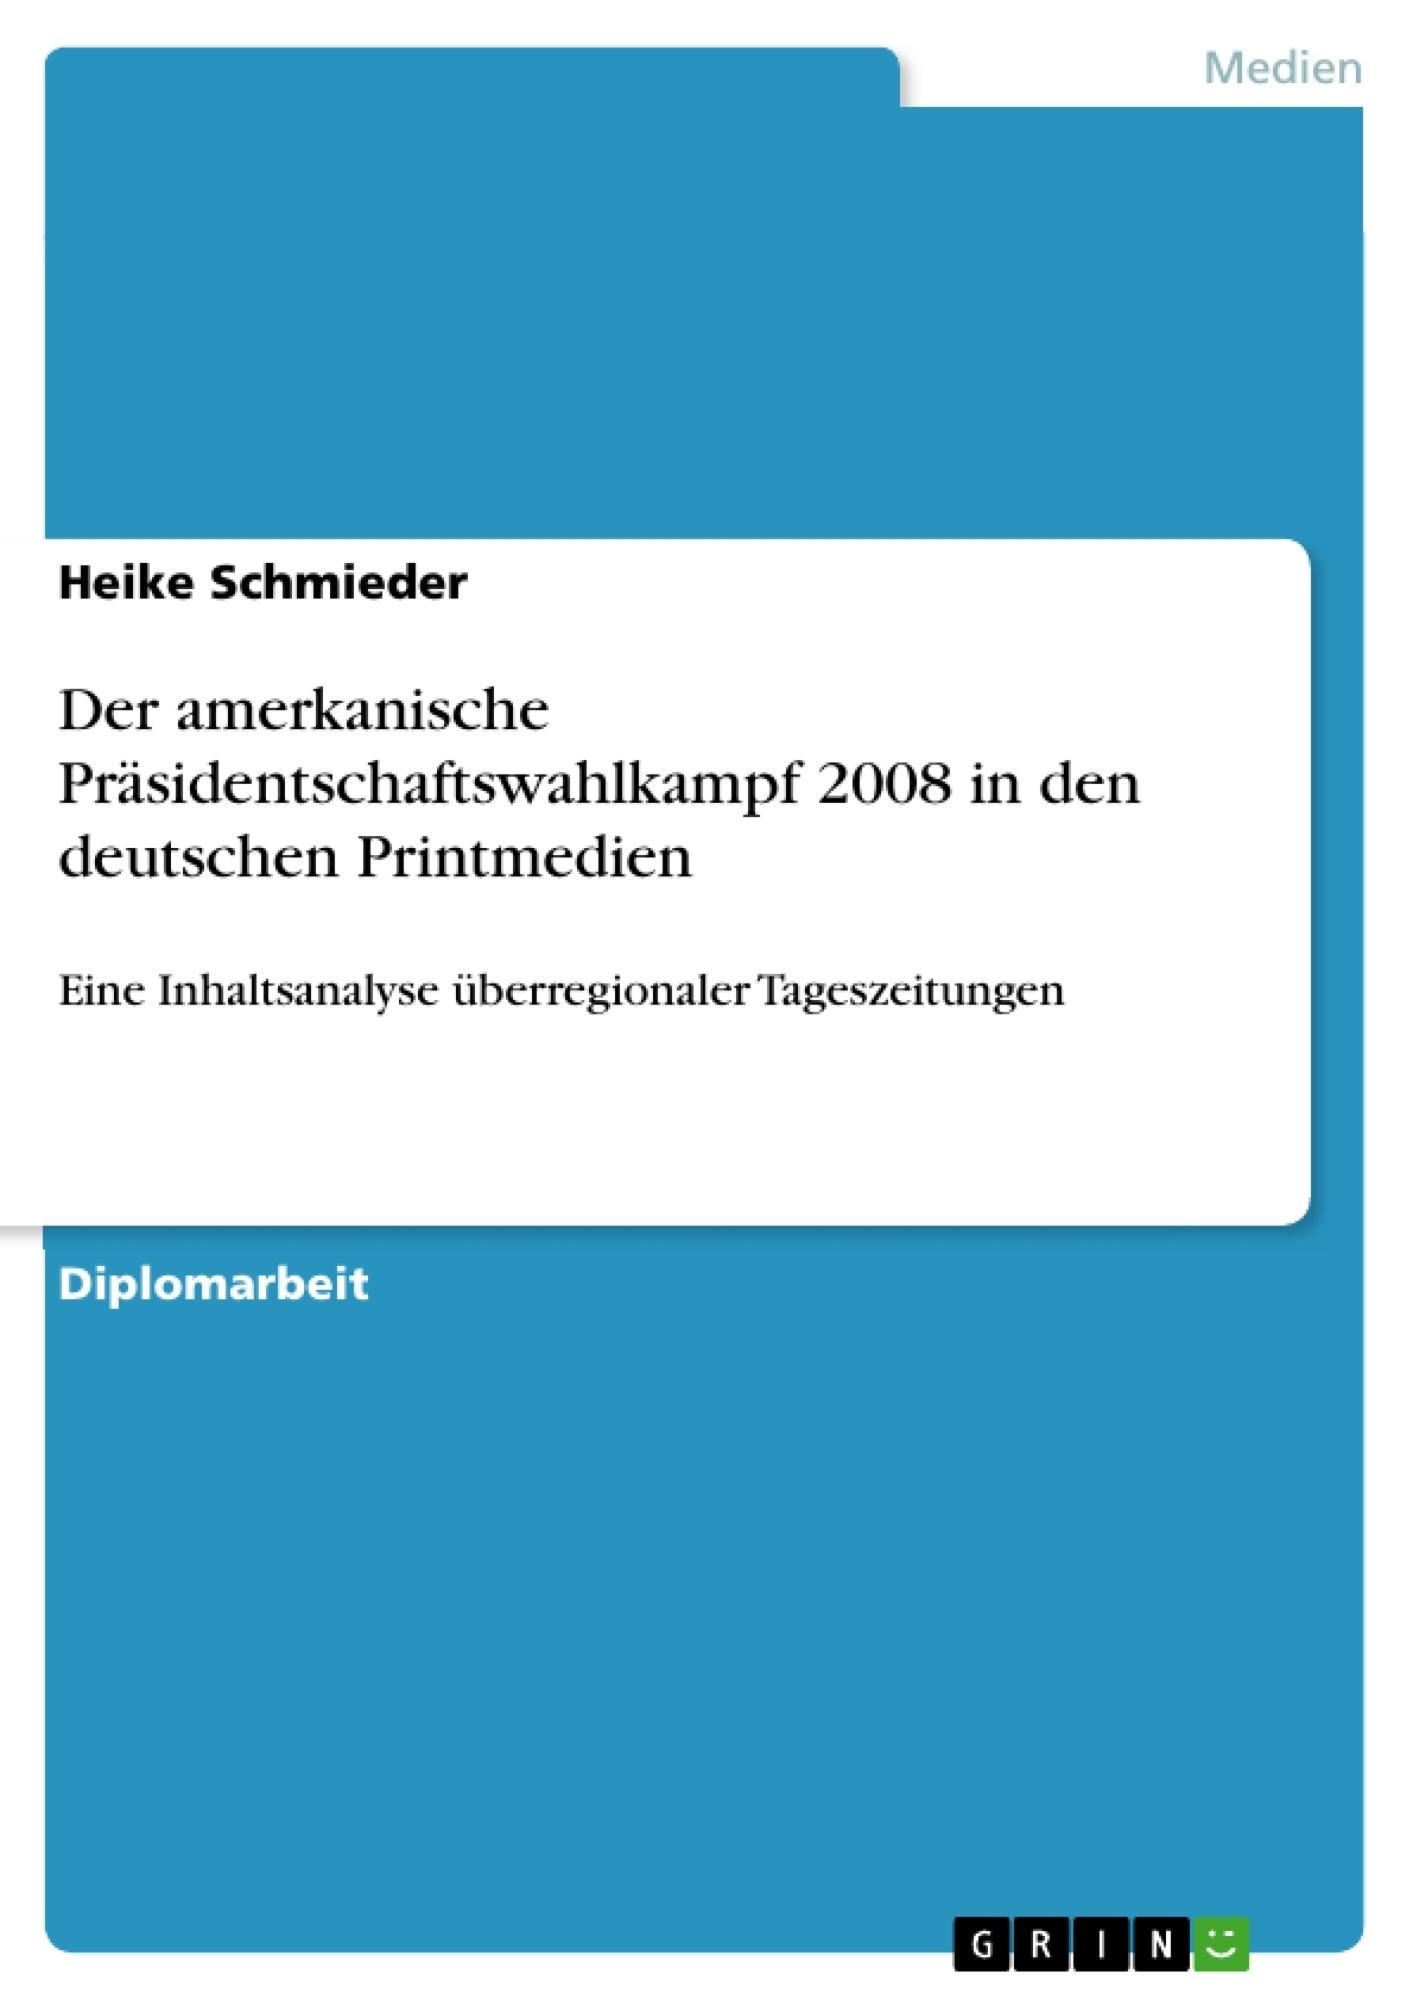 Titel: Der amerkanische Präsidentschaftswahlkampf 2008 in den deutschen Printmedien